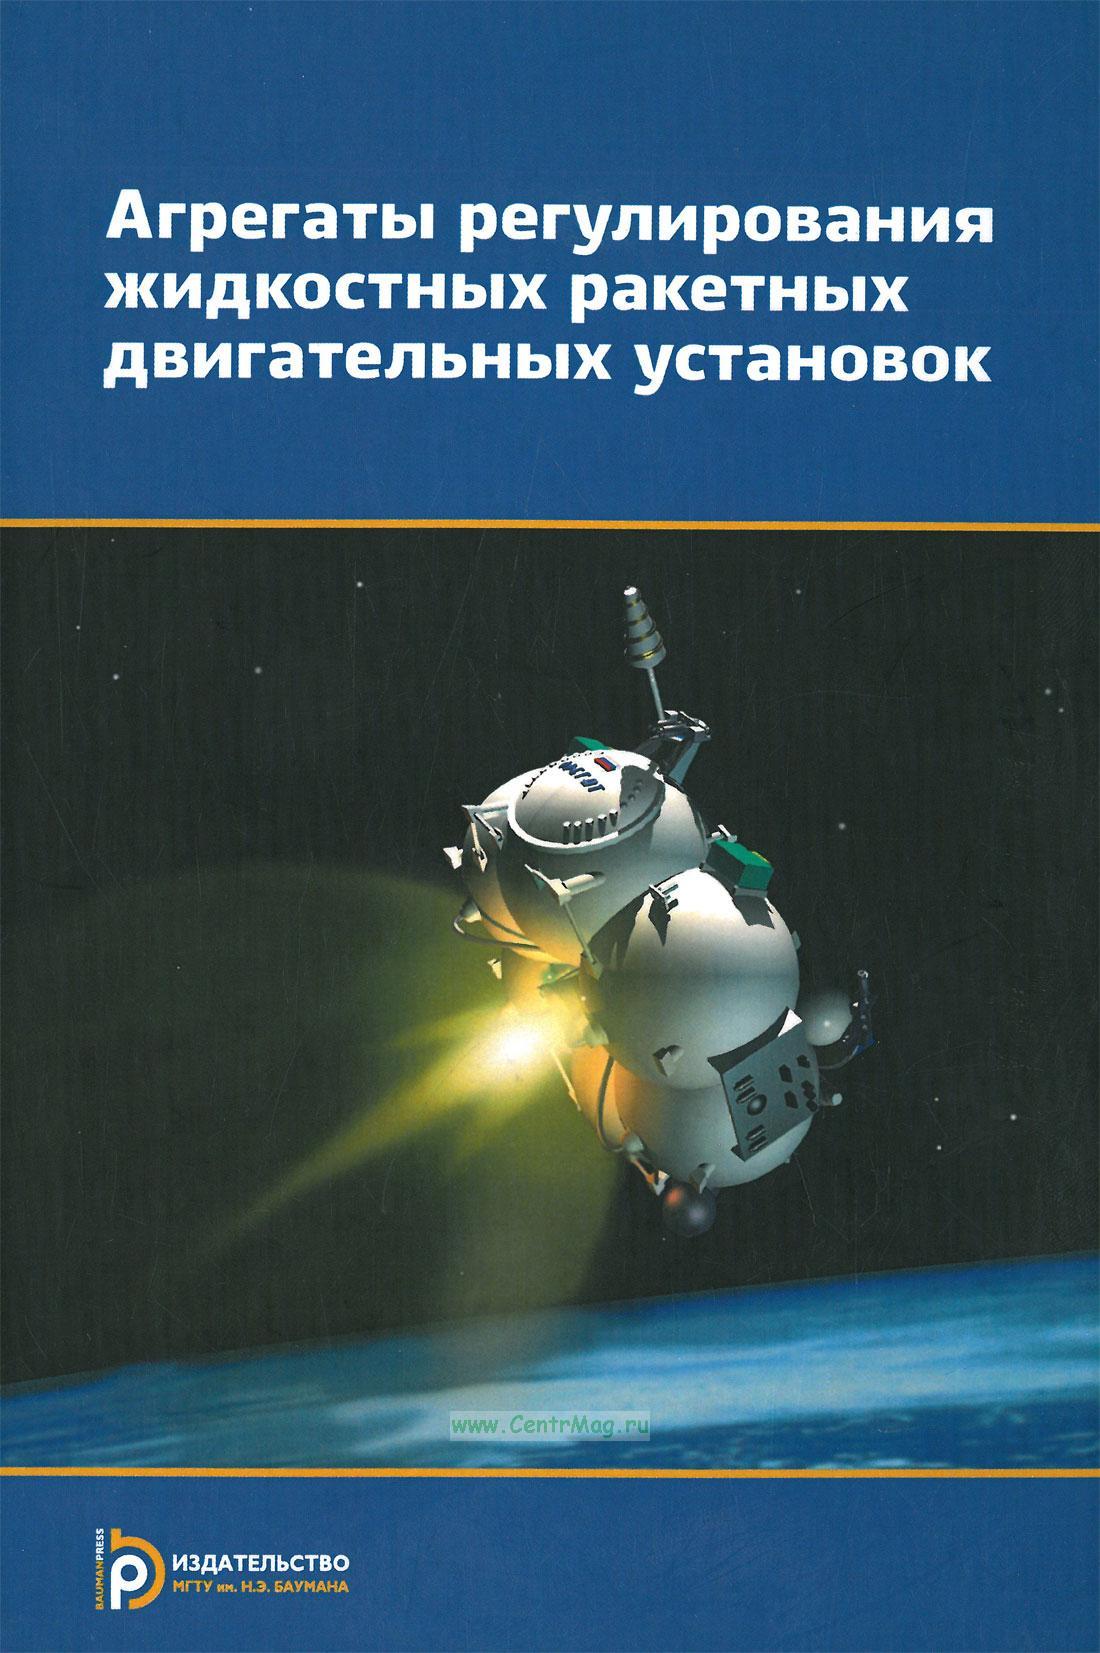 Агрегаты регулирования жидкостных ракетных двигательных установок: учебное пособие